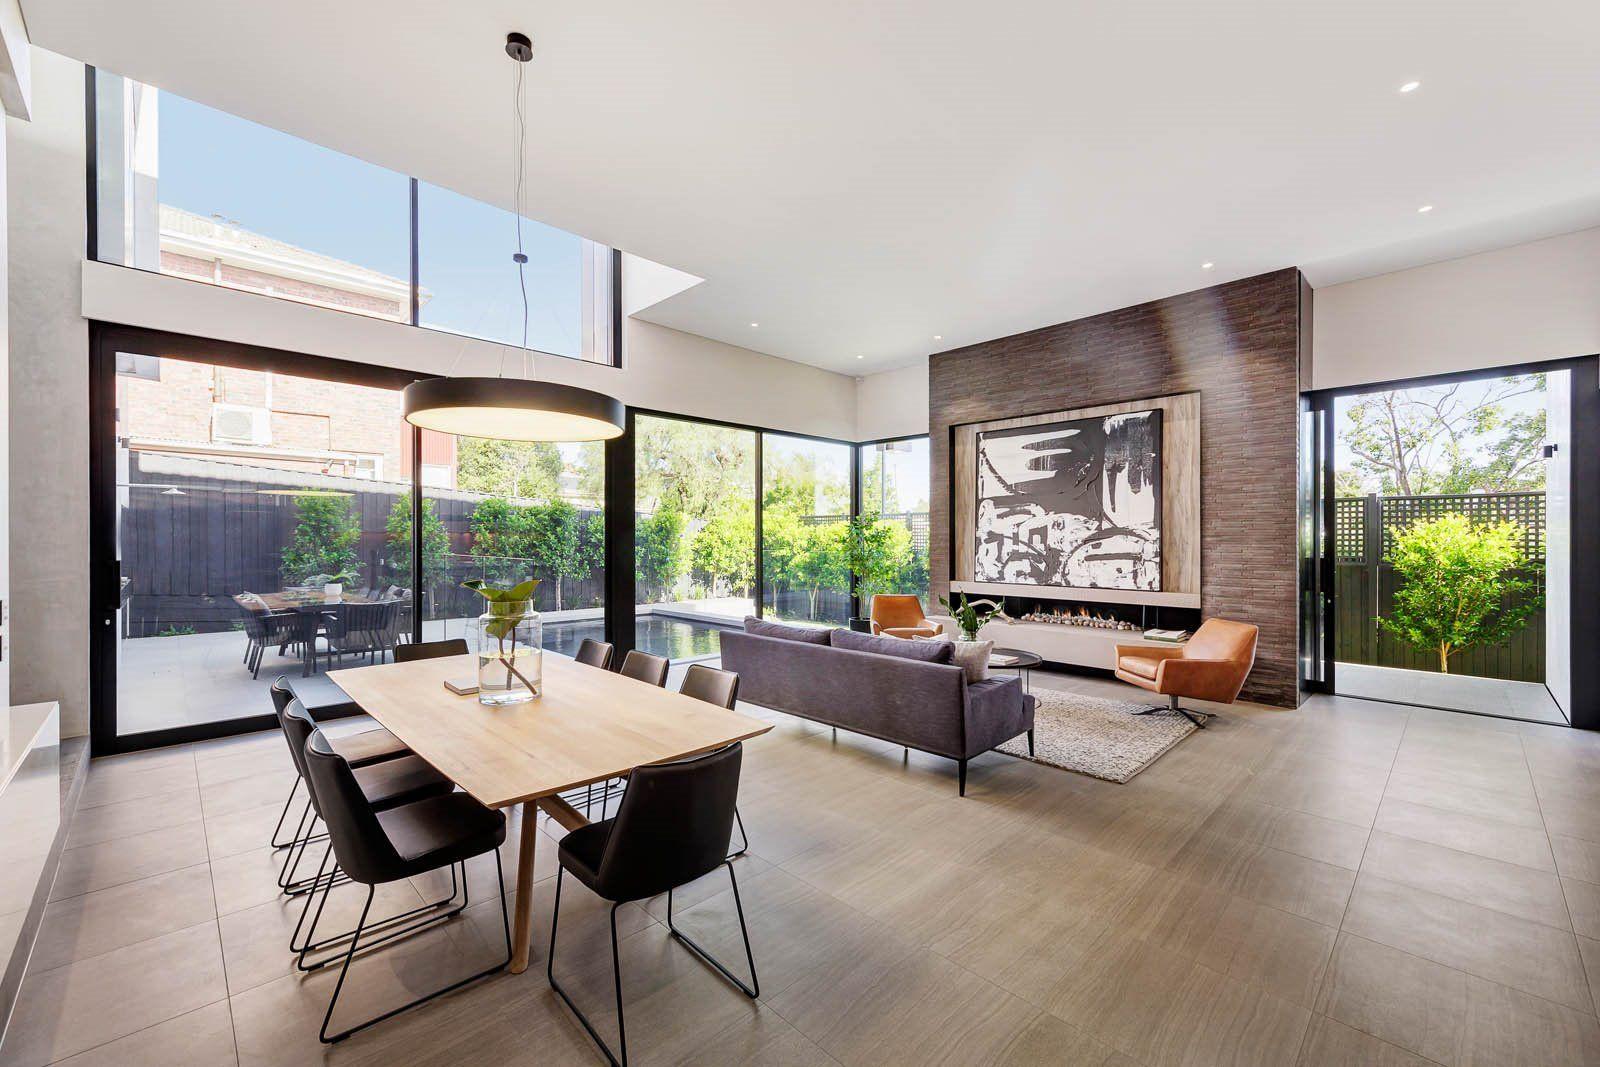 Concepto abierto de cocina, comedor y salón de una casa de estilo contemporáneo